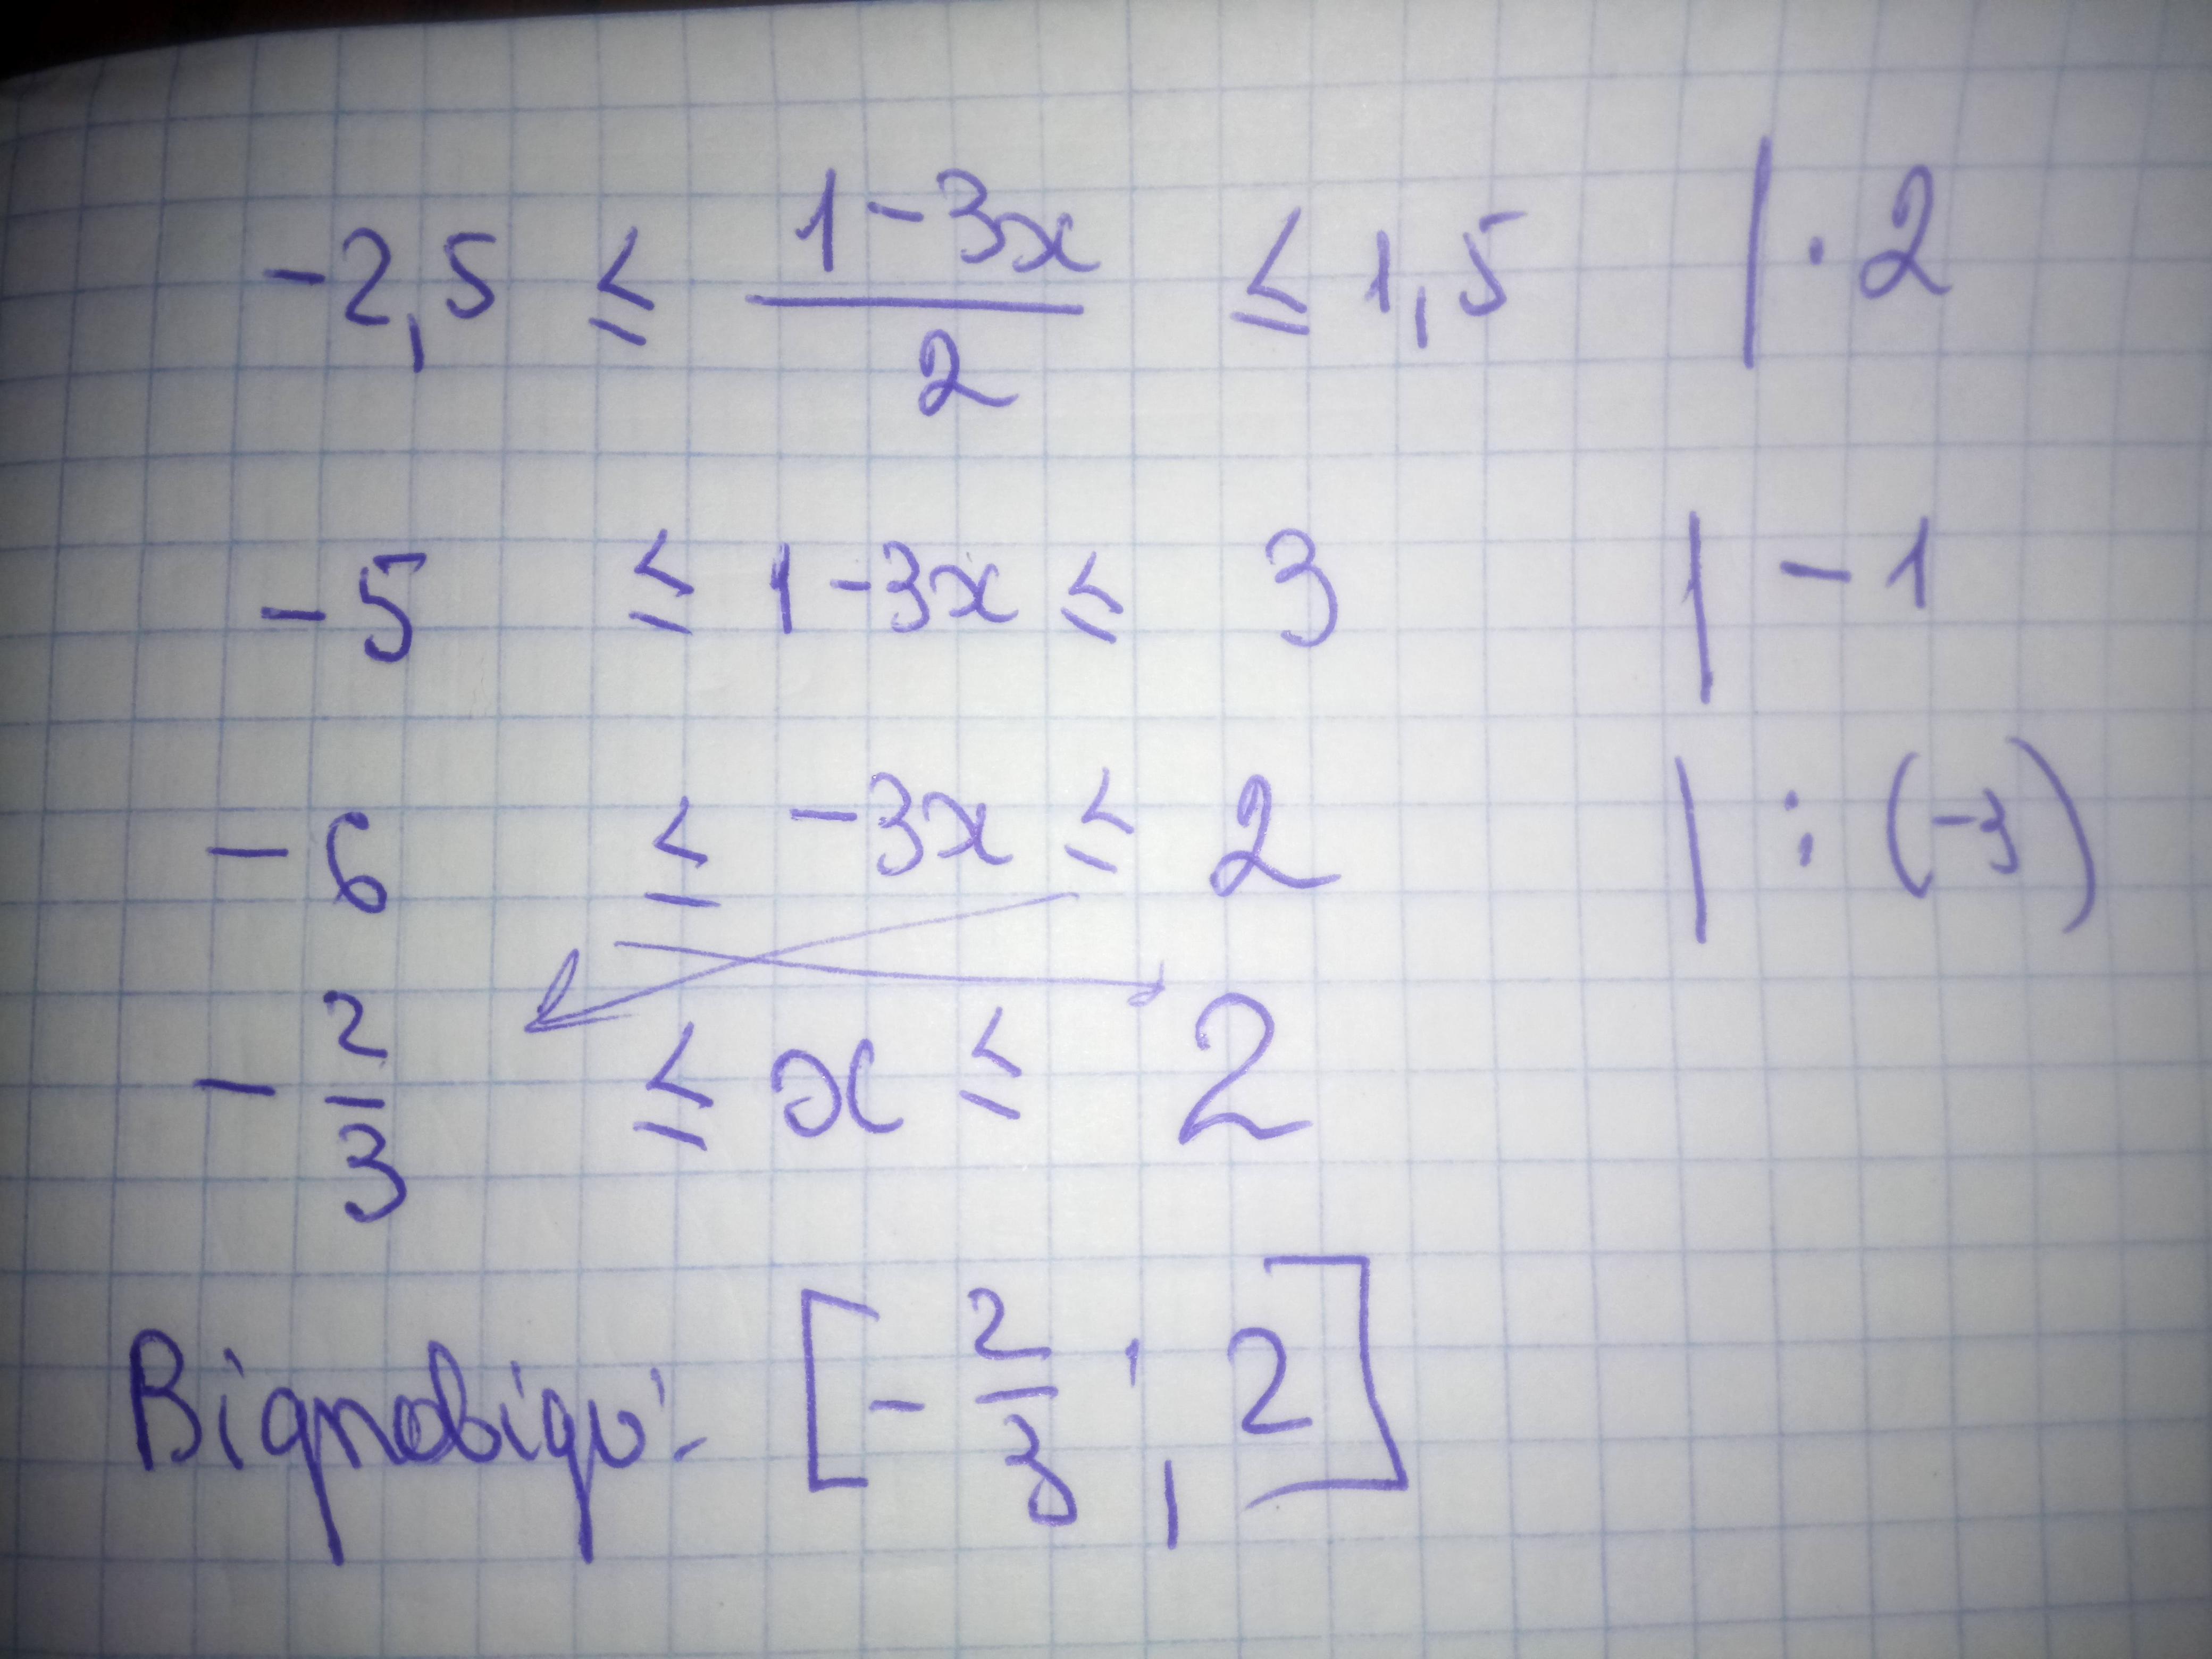 Розв'яжіть нерівність -2.5≤1-3x/2≤1.5